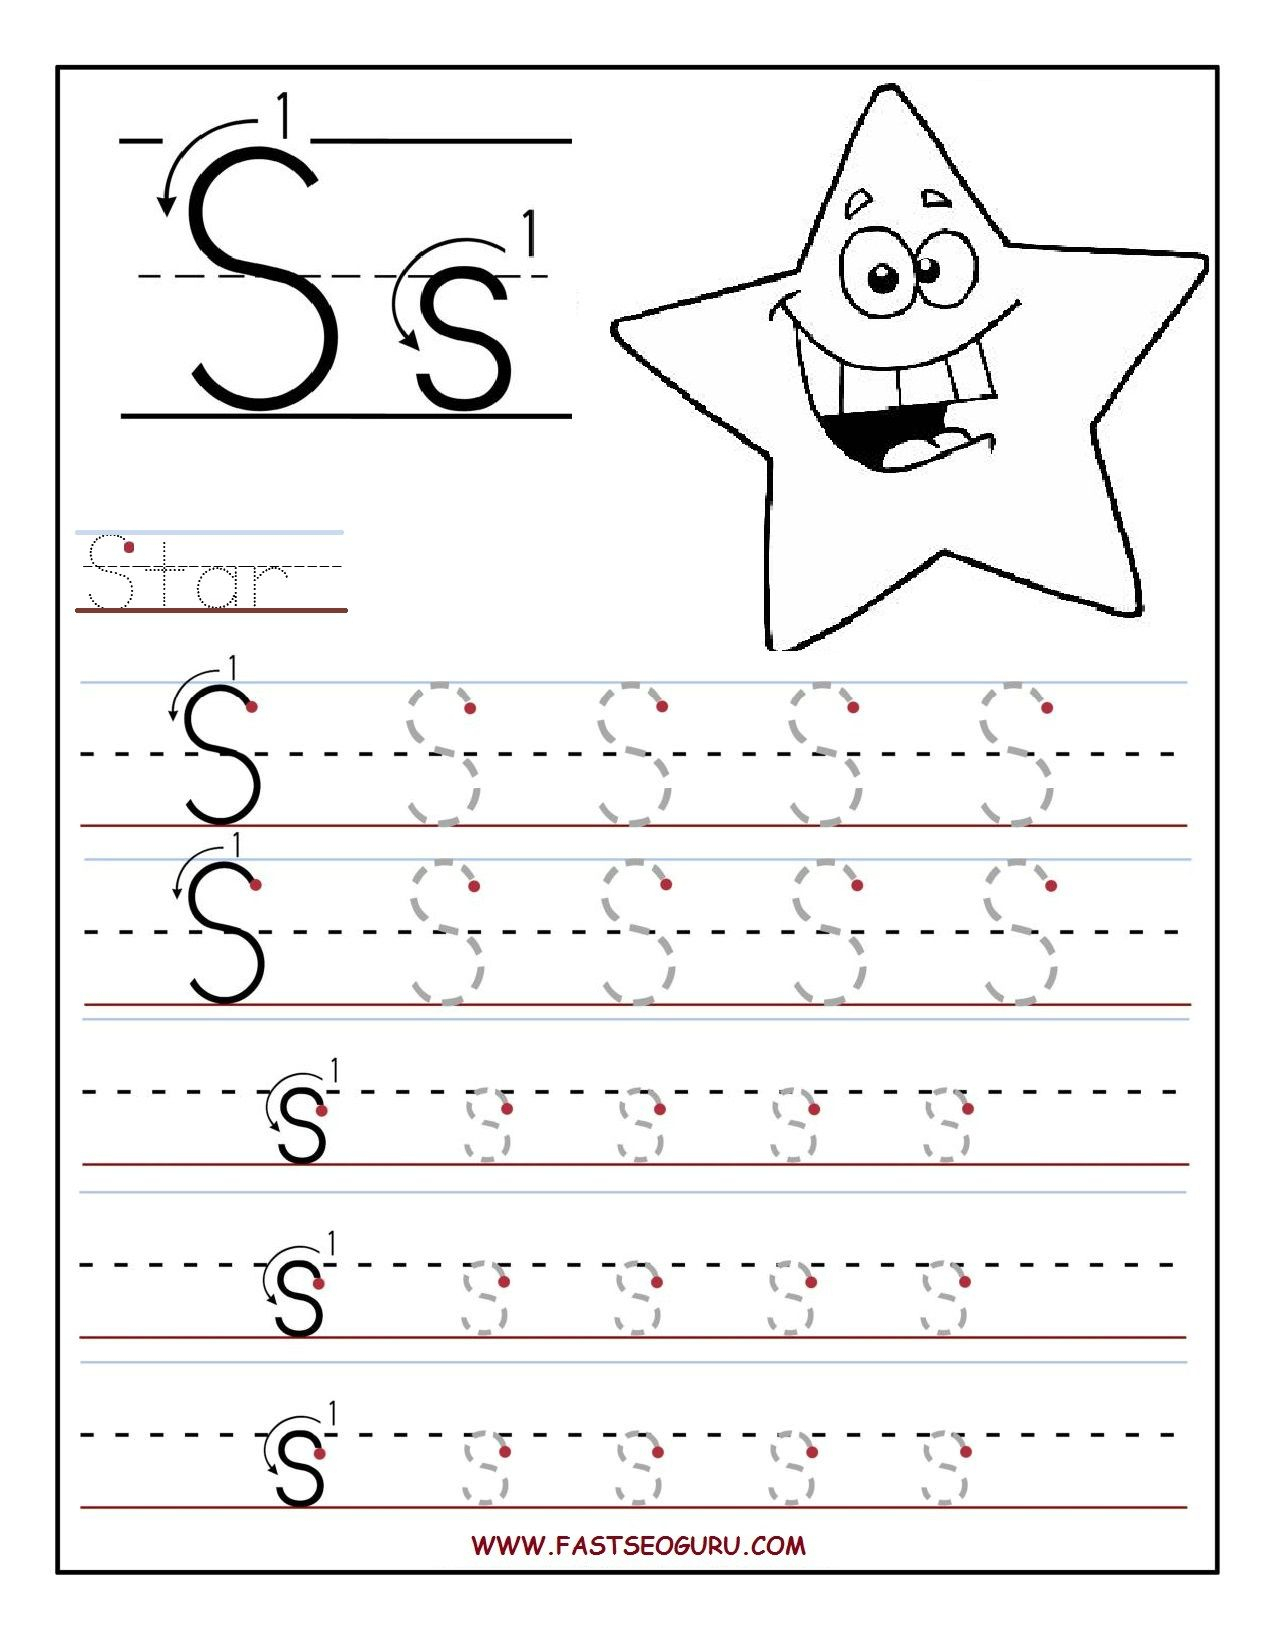 Printable Cursive Alphabet Worksheets Abitlikethis inside Letter I Worksheets Printable